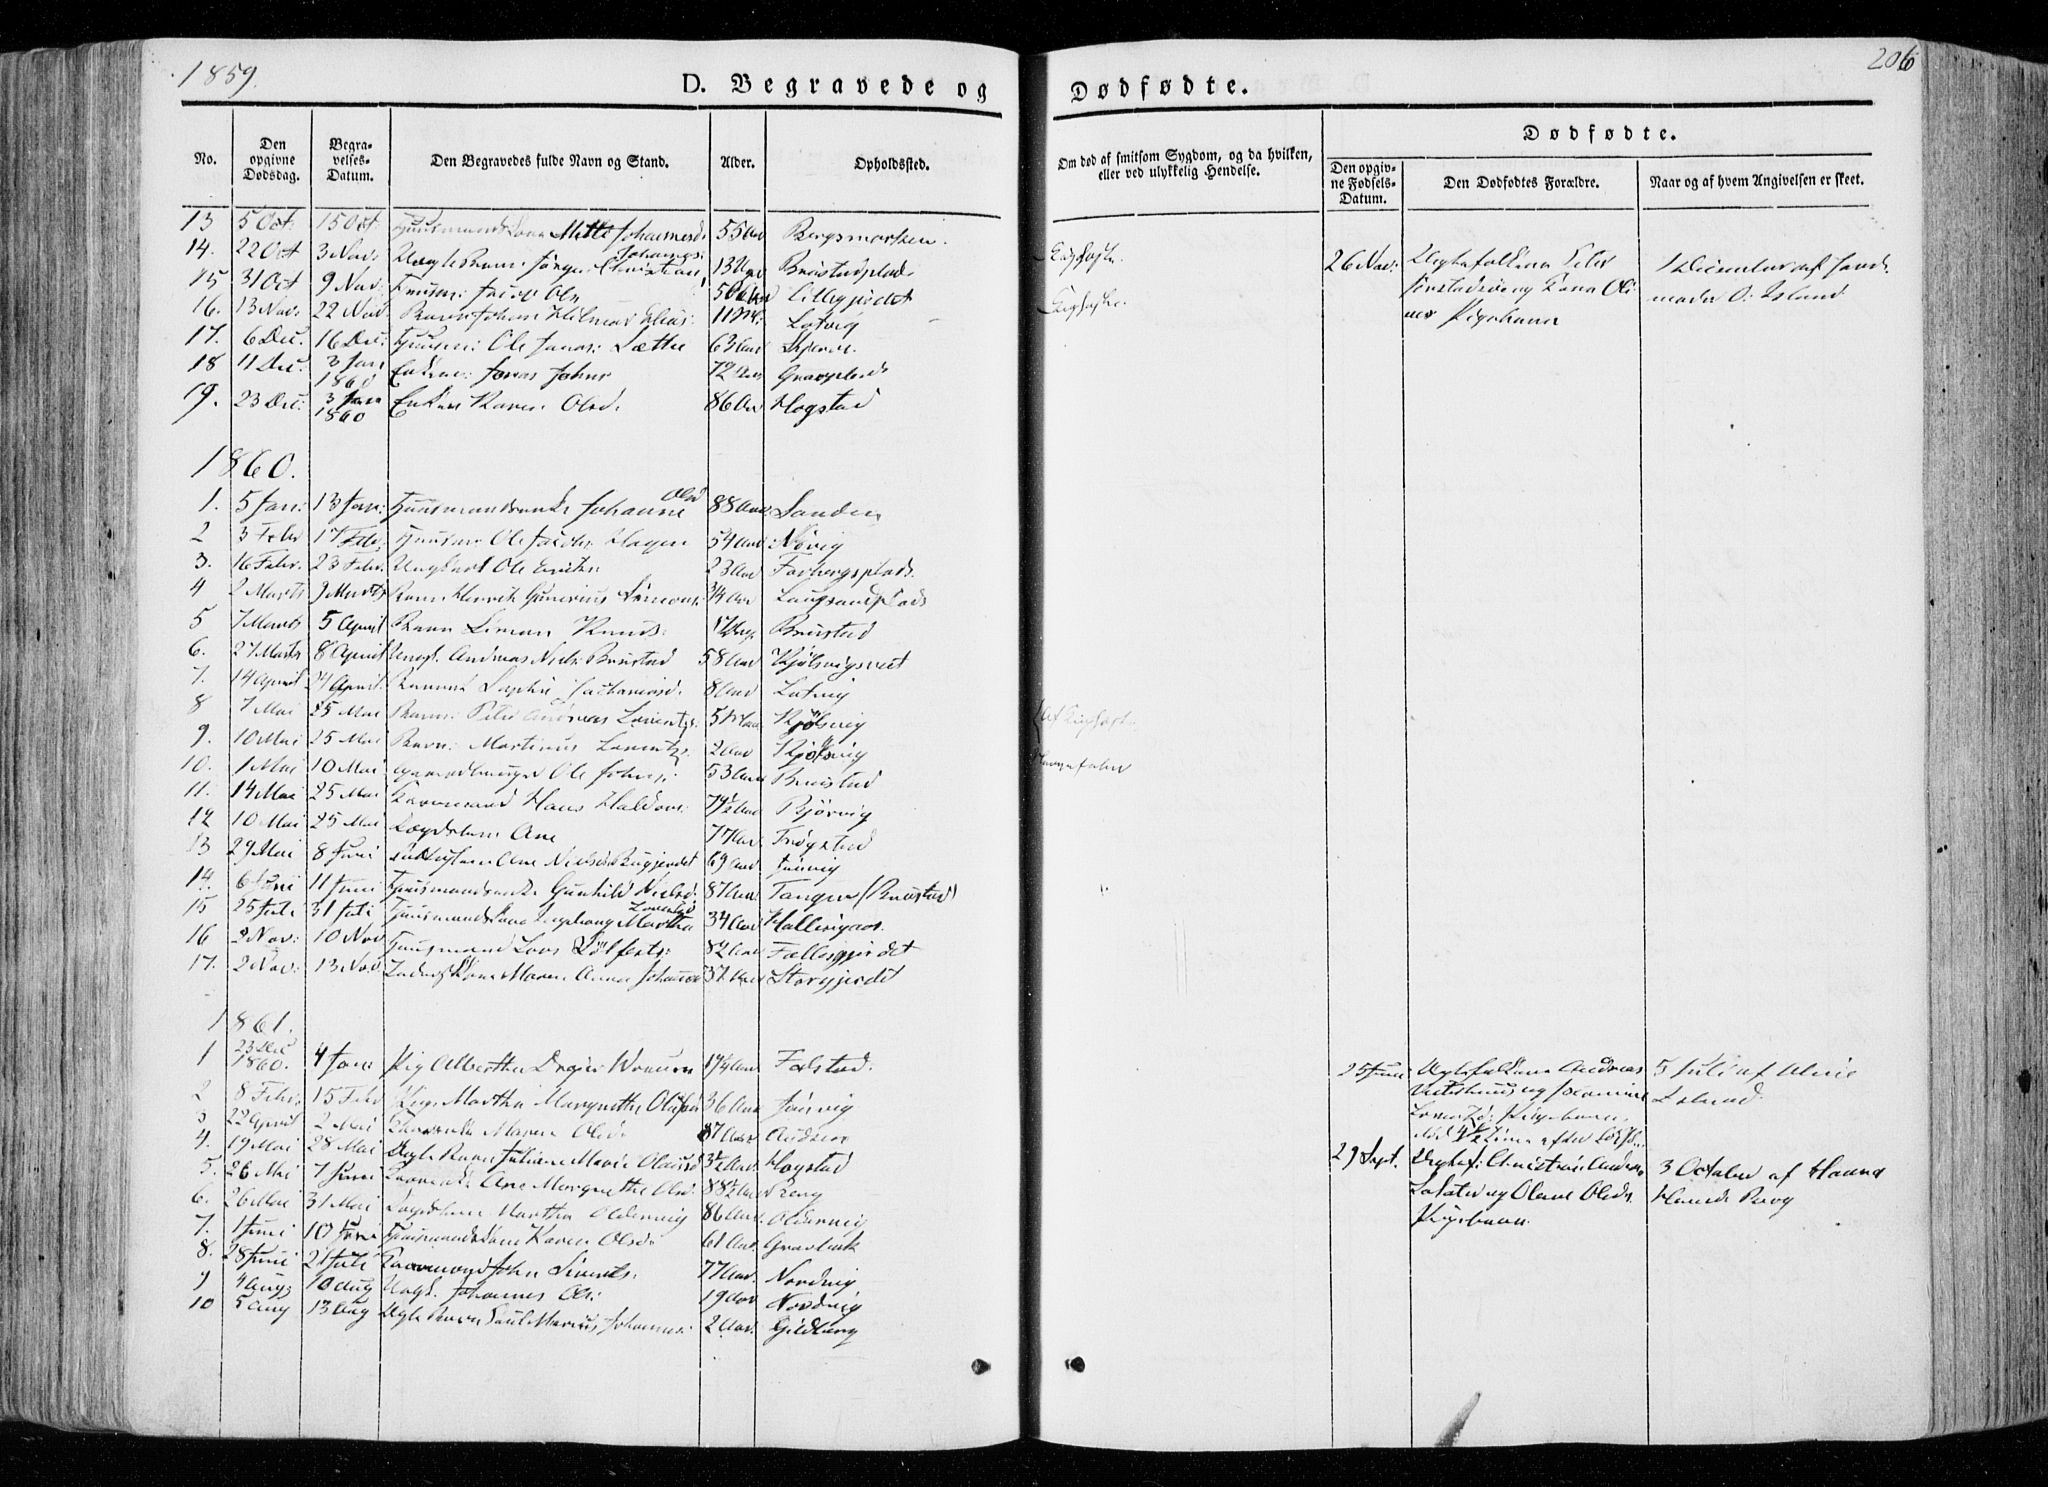 SAT, Ministerialprotokoller, klokkerbøker og fødselsregistre - Nord-Trøndelag, 722/L0218: Ministerialbok nr. 722A05, 1843-1868, s. 206